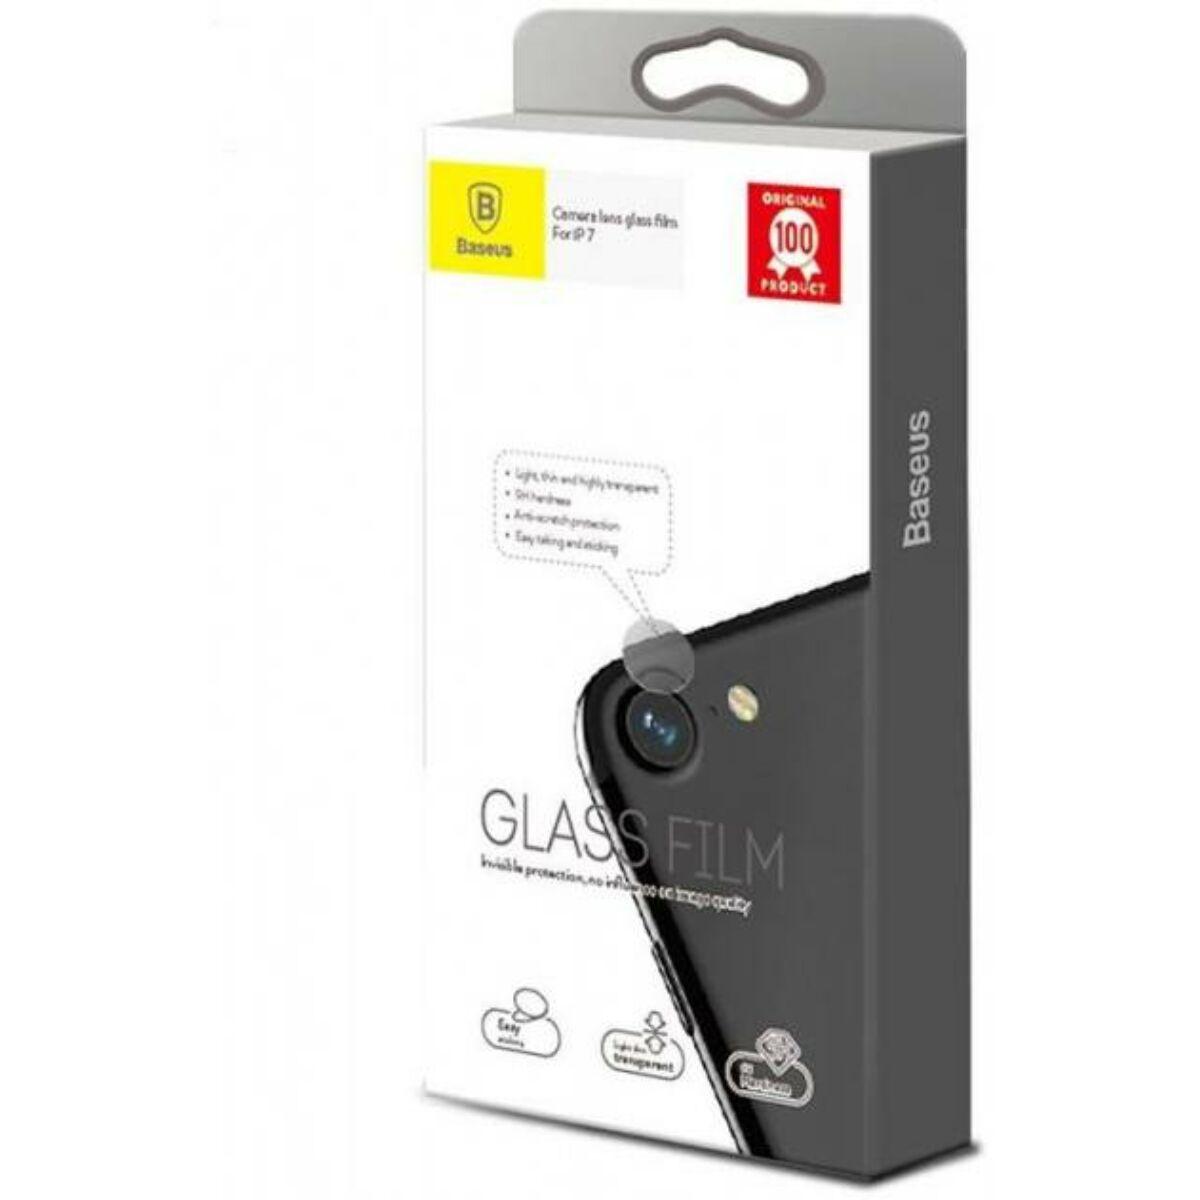 Baseus iPhone 7 kamera lencse üveg fólia 0.2 mm, átlátszó (SGAPIPH7-JT02)